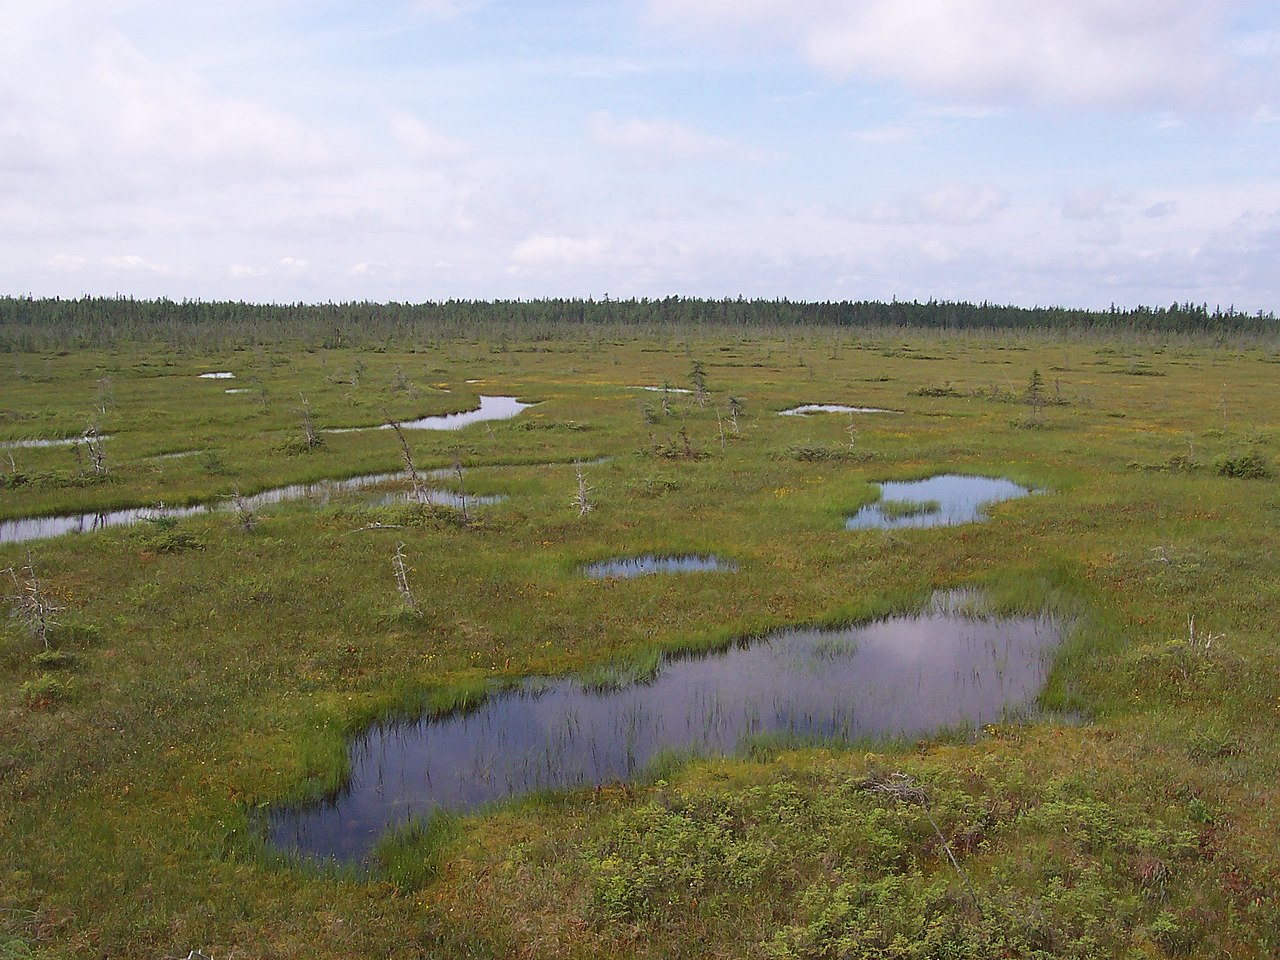 พีทมอส พักพบได้บริเวณพื้นที่ๆมีน้ำท่วมขัง